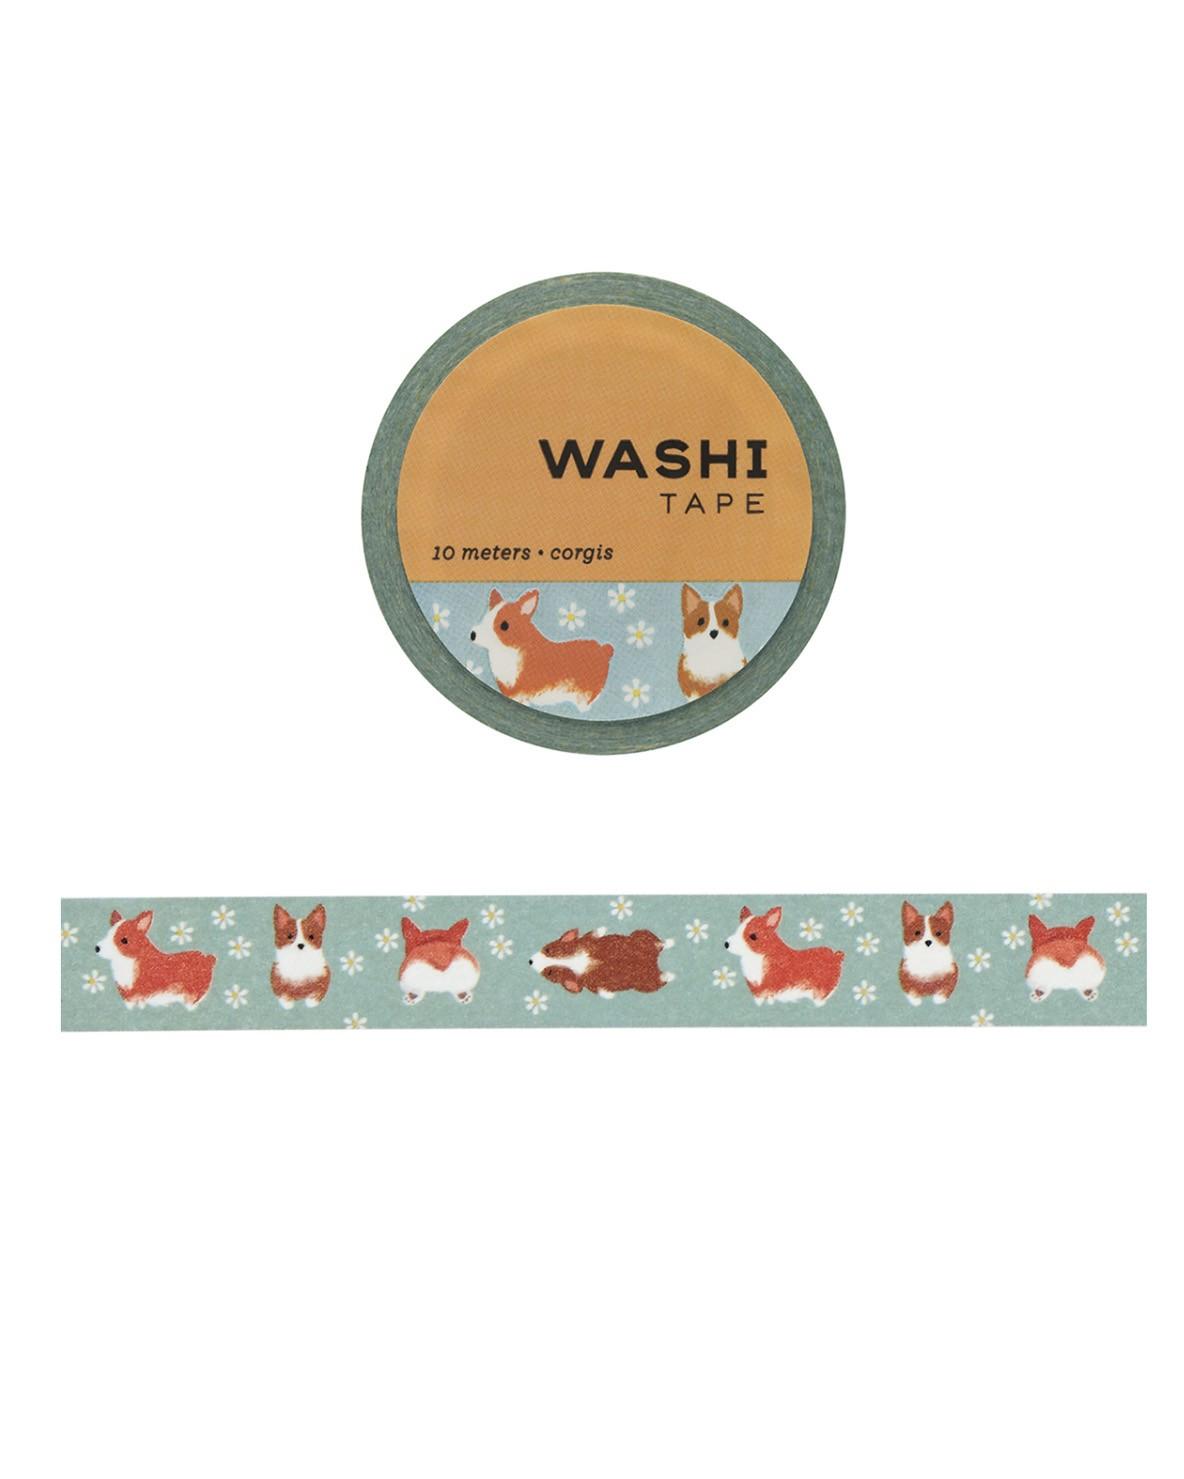 Washi tape - Corgis